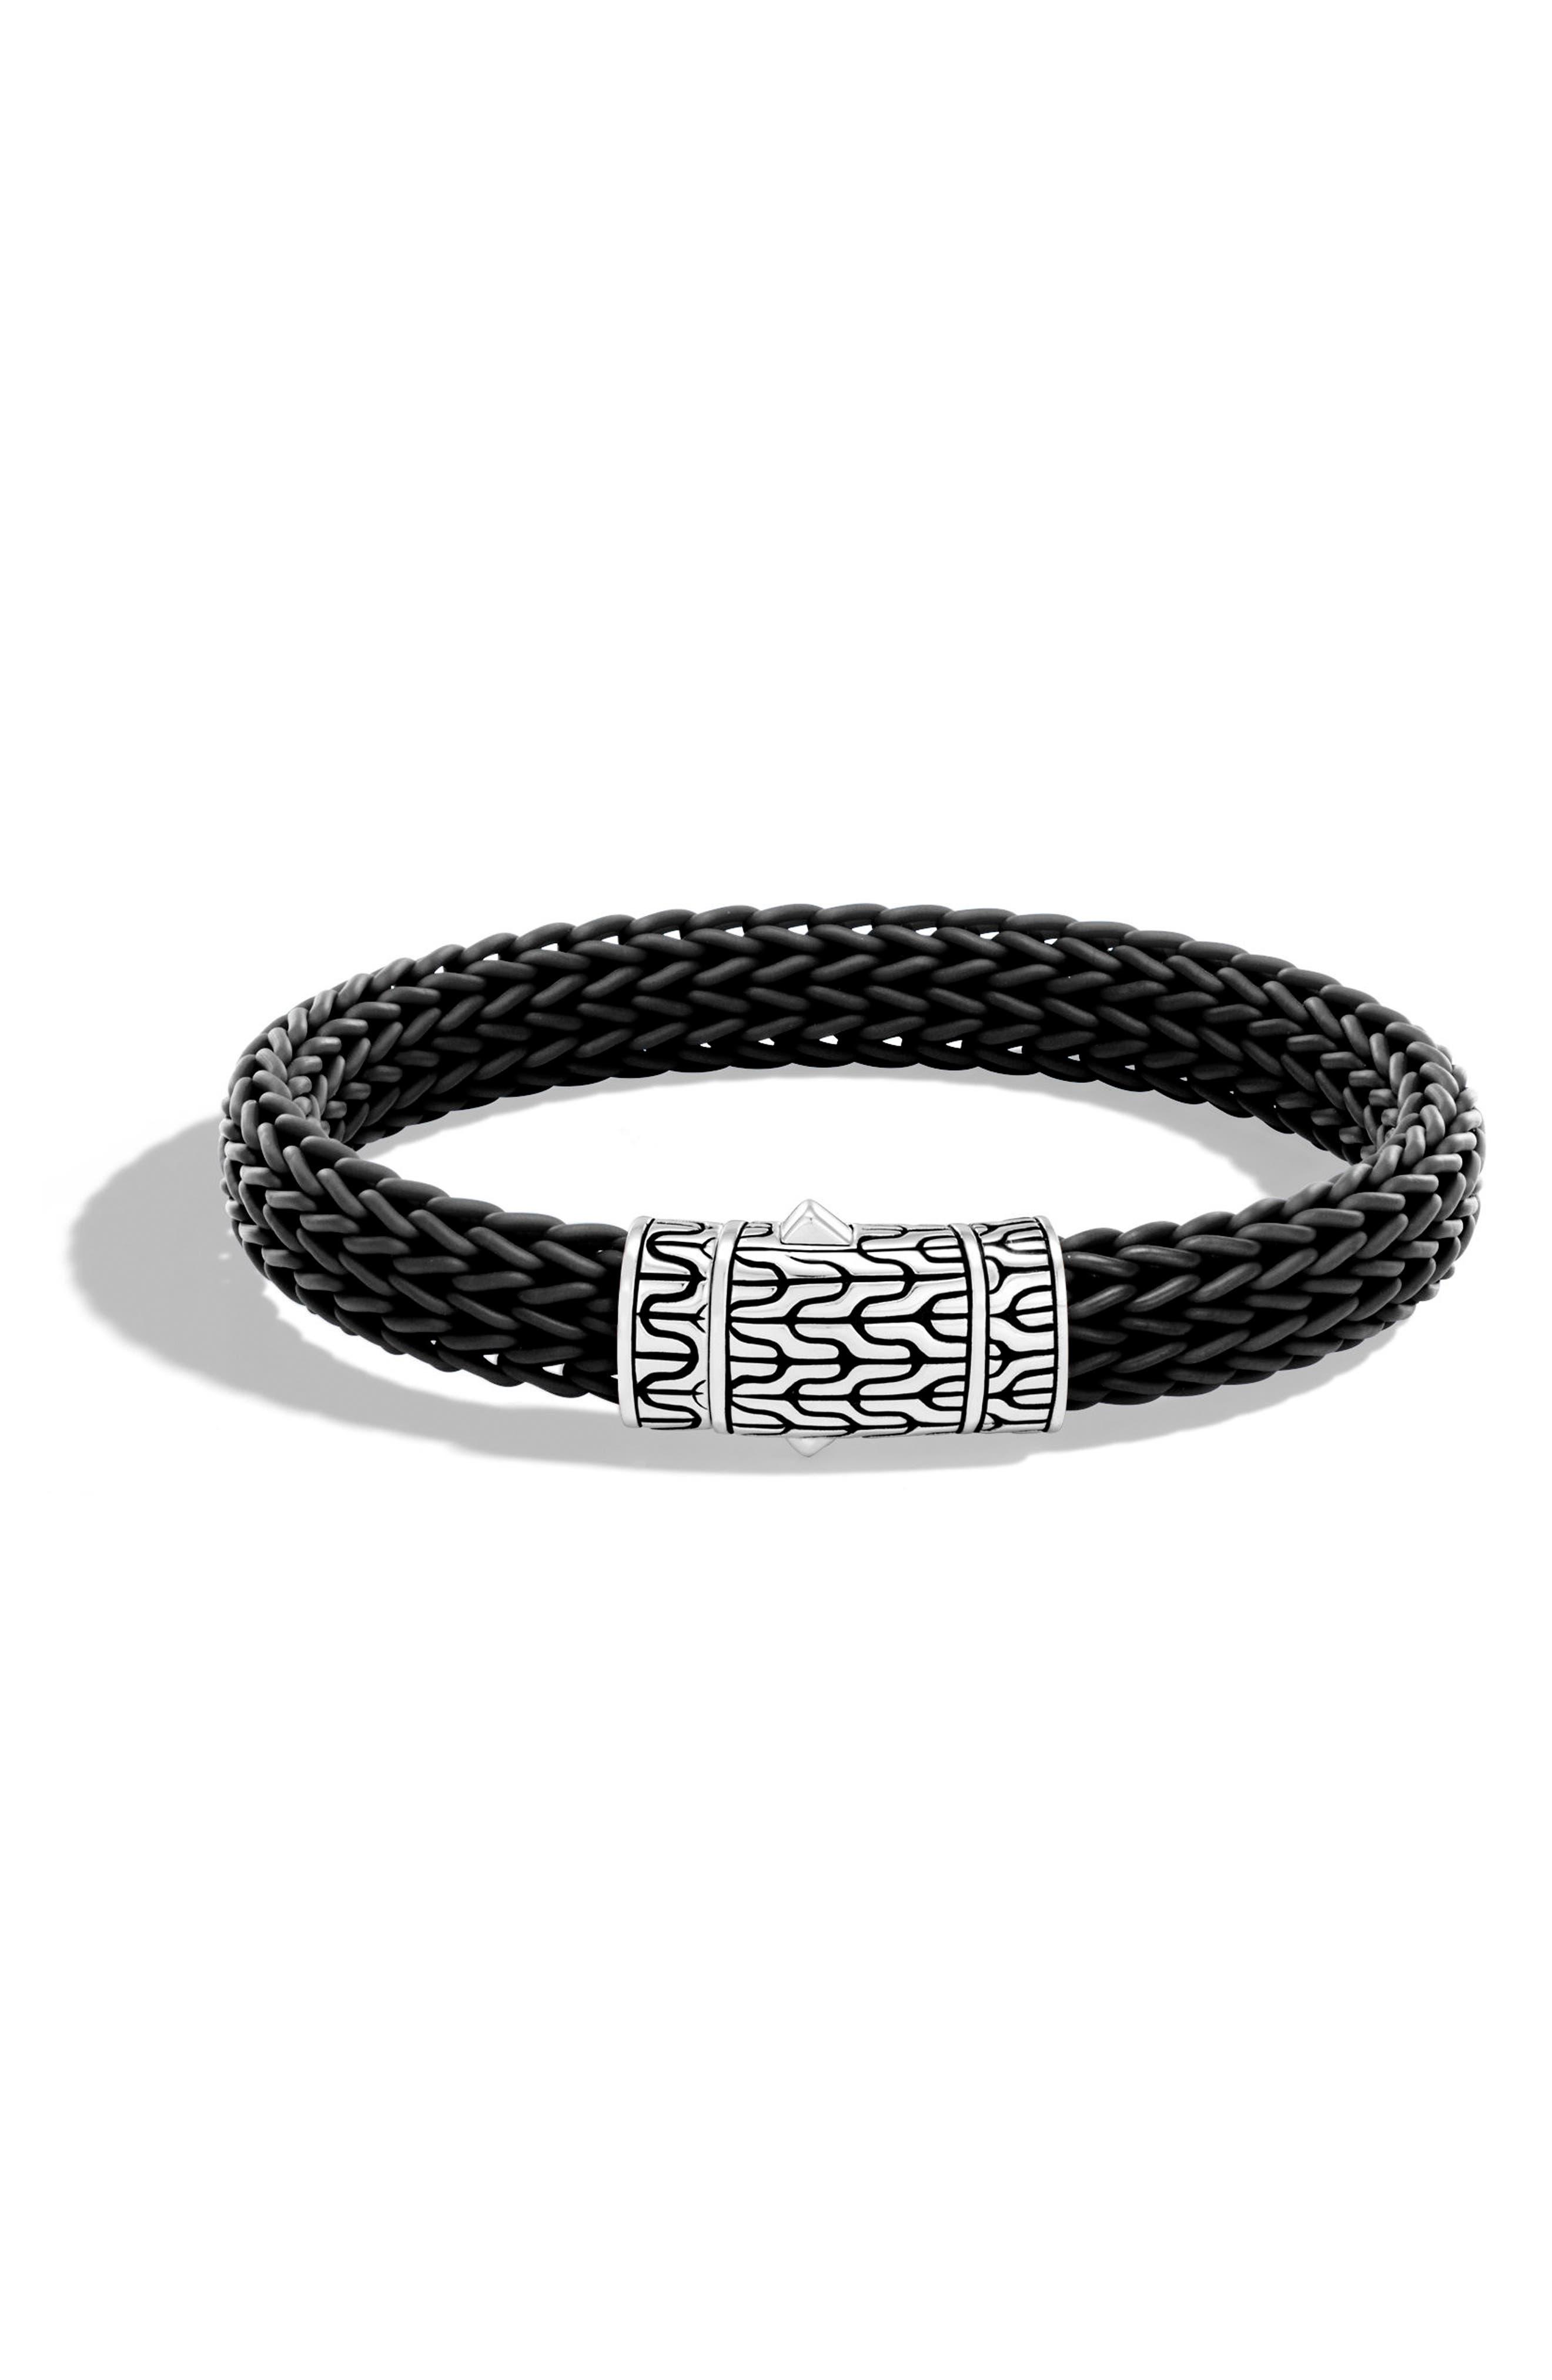 Classic Silver Rubber Chain Bracelet,                             Main thumbnail 1, color,                             040